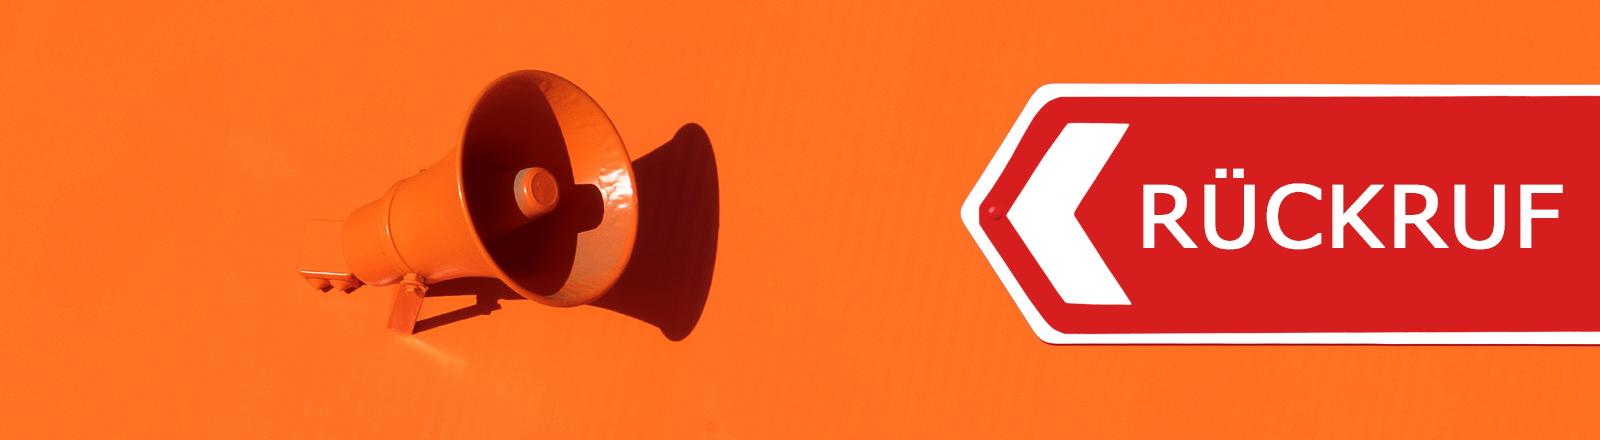 Ein organenes Megaphon, daneben ein Schild auf dem Rückruf steht